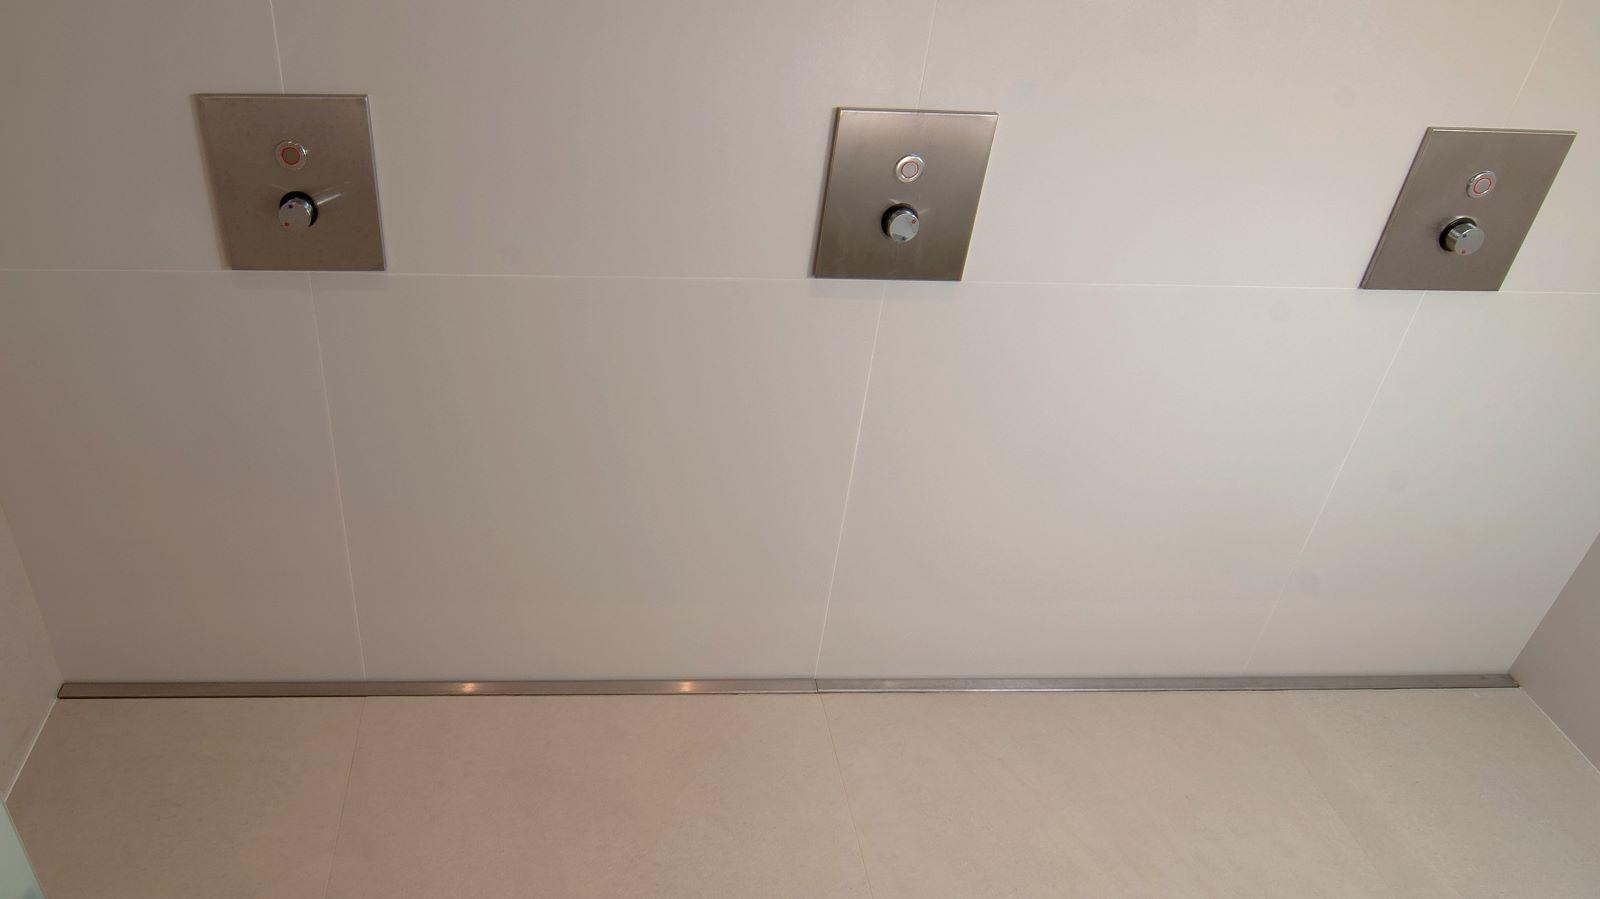 Abgebildet ist die wandbuendig montierte v4a edelstahl-duschrinne pro xxl. Die einfache montage und sichere abdichtung durch den breiten klebeflansch machen die robuste duschrinne pro xxl fuer reihenduschen besonders attraktiv. Cm-genau massgefertigt bis 600 cm laenge laesst sie sich einfach von wand zu wand abschliessend einbauen. Auf dem foto besonders gut sichtbar ist, dass die duschrinne pro xxl ermoeglicht, den boden der reihenduschanlage mit nur einer gefaellerichtung herzustellen. Das ist besonders wichtig bei barrierefreien reihenduschen, da es speziell fuer gehbehinderte und rollstuhlfahrer angenehm und sicher ist.